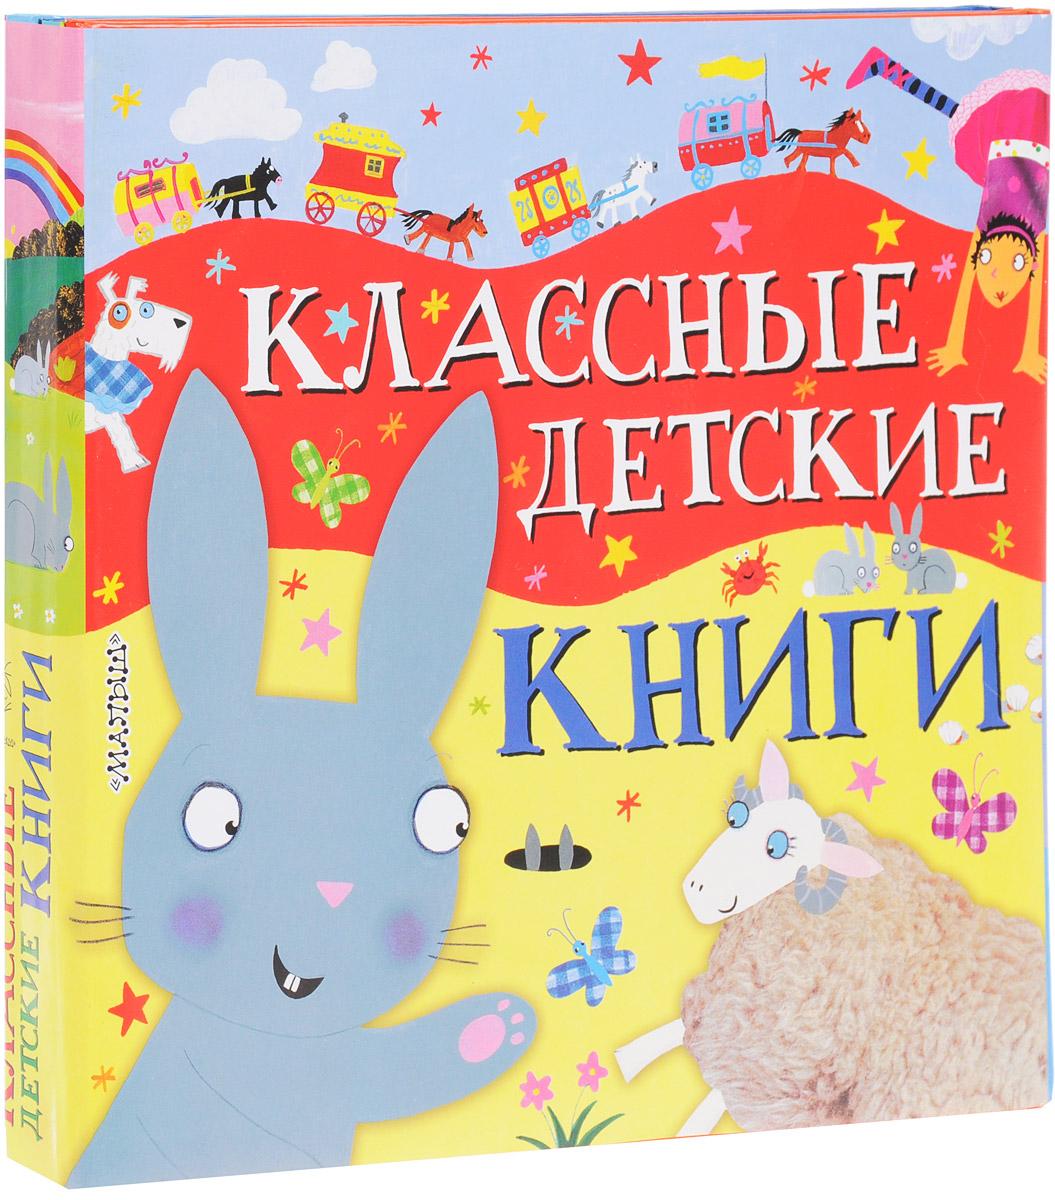 Классные детские книги (комплект из 5 книг)